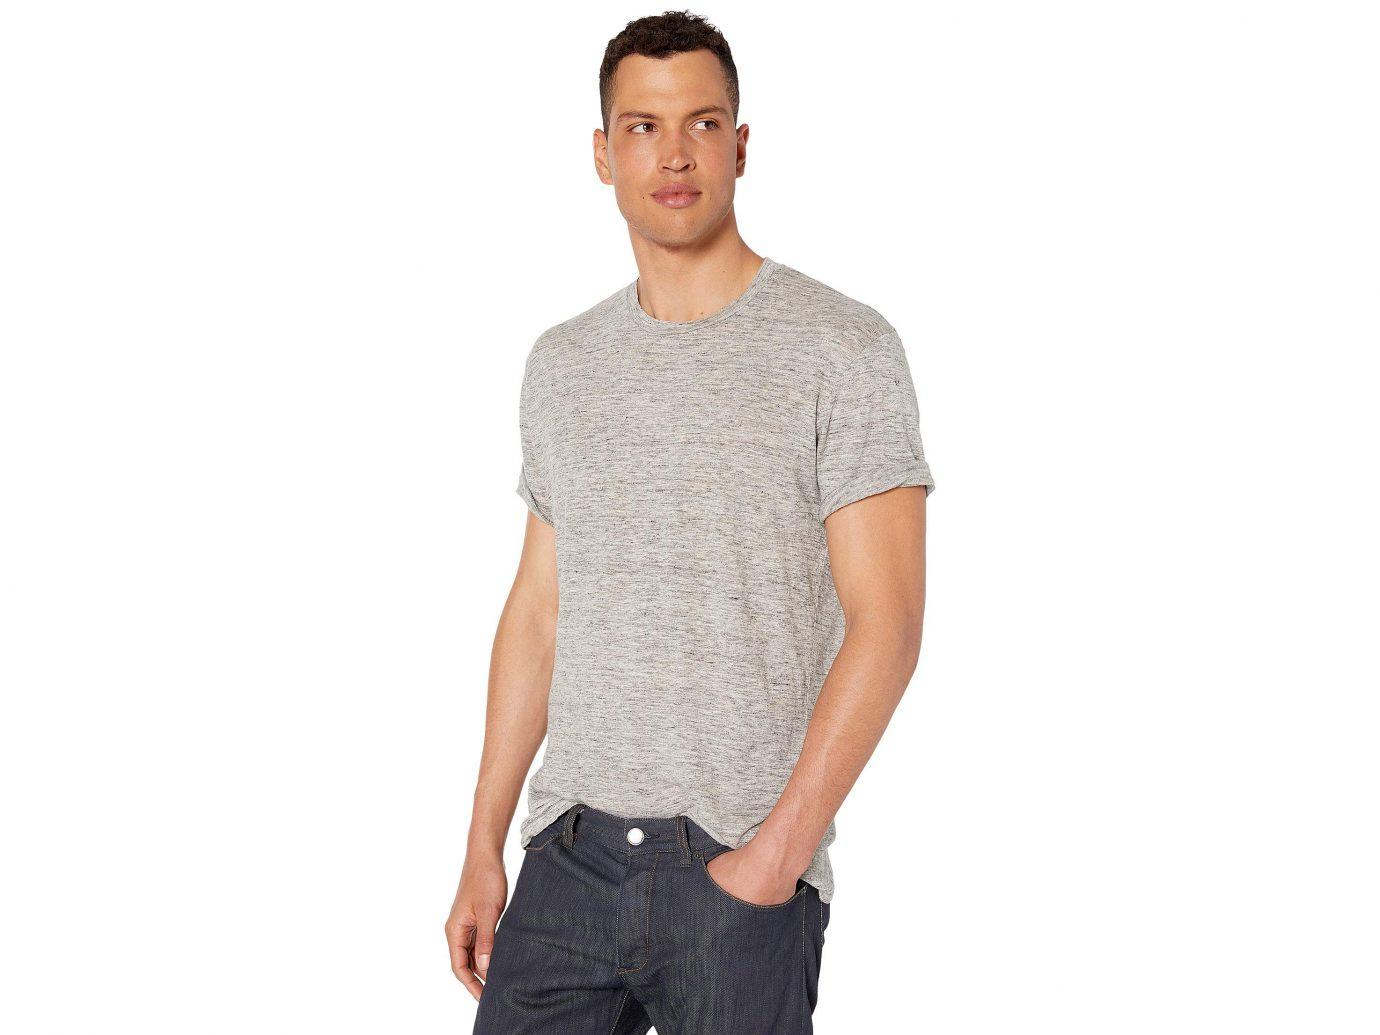 BLDWN Nolen tee shirt